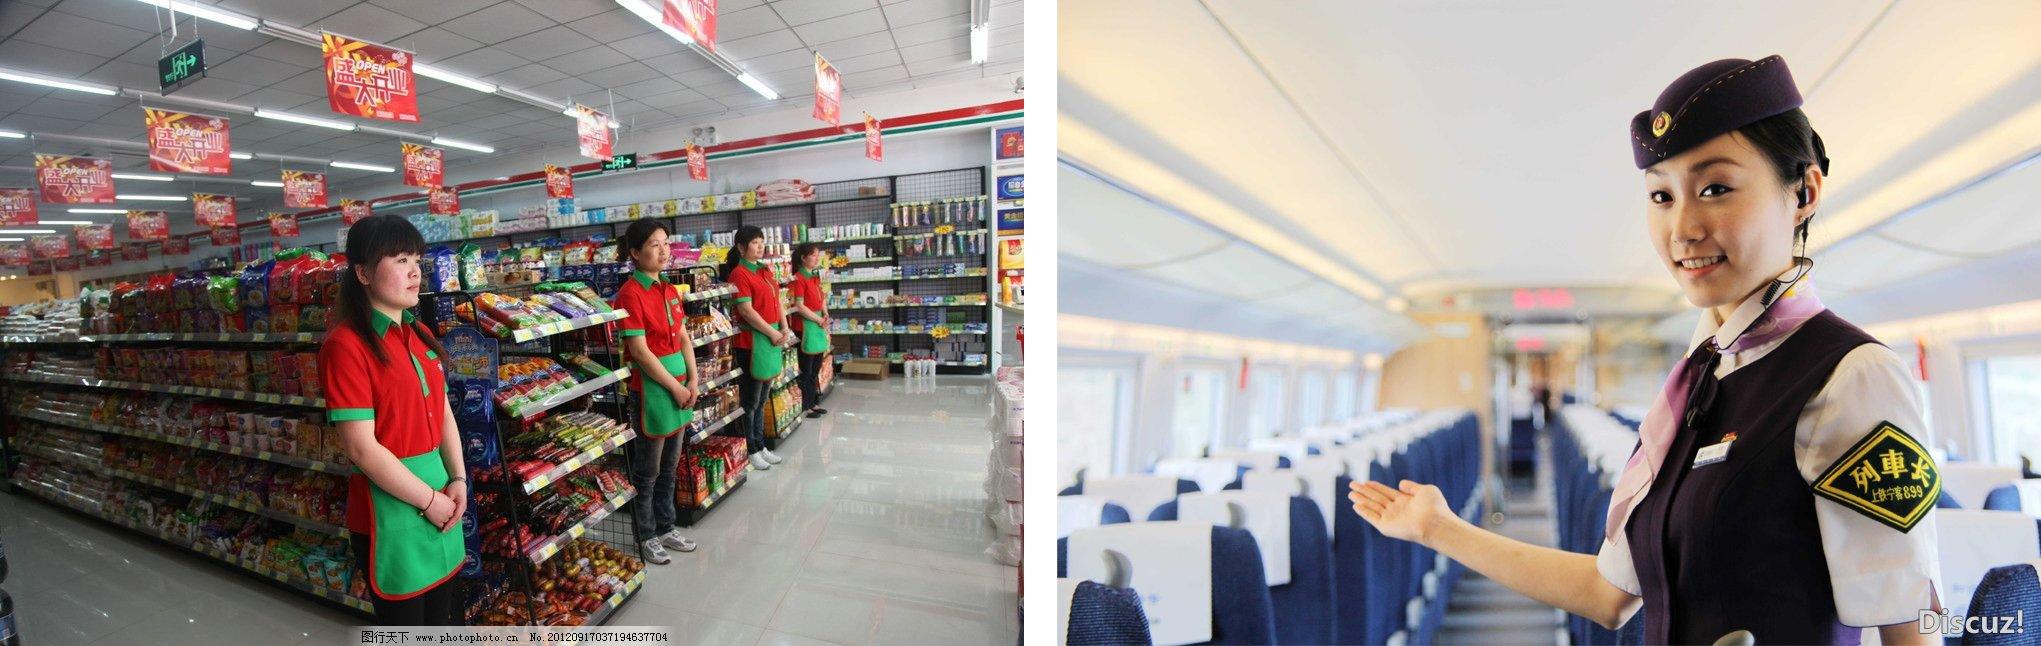 9高铁乘务员家人都引以为豪,超市促销员家人一直愁着再找个轻松点的图片